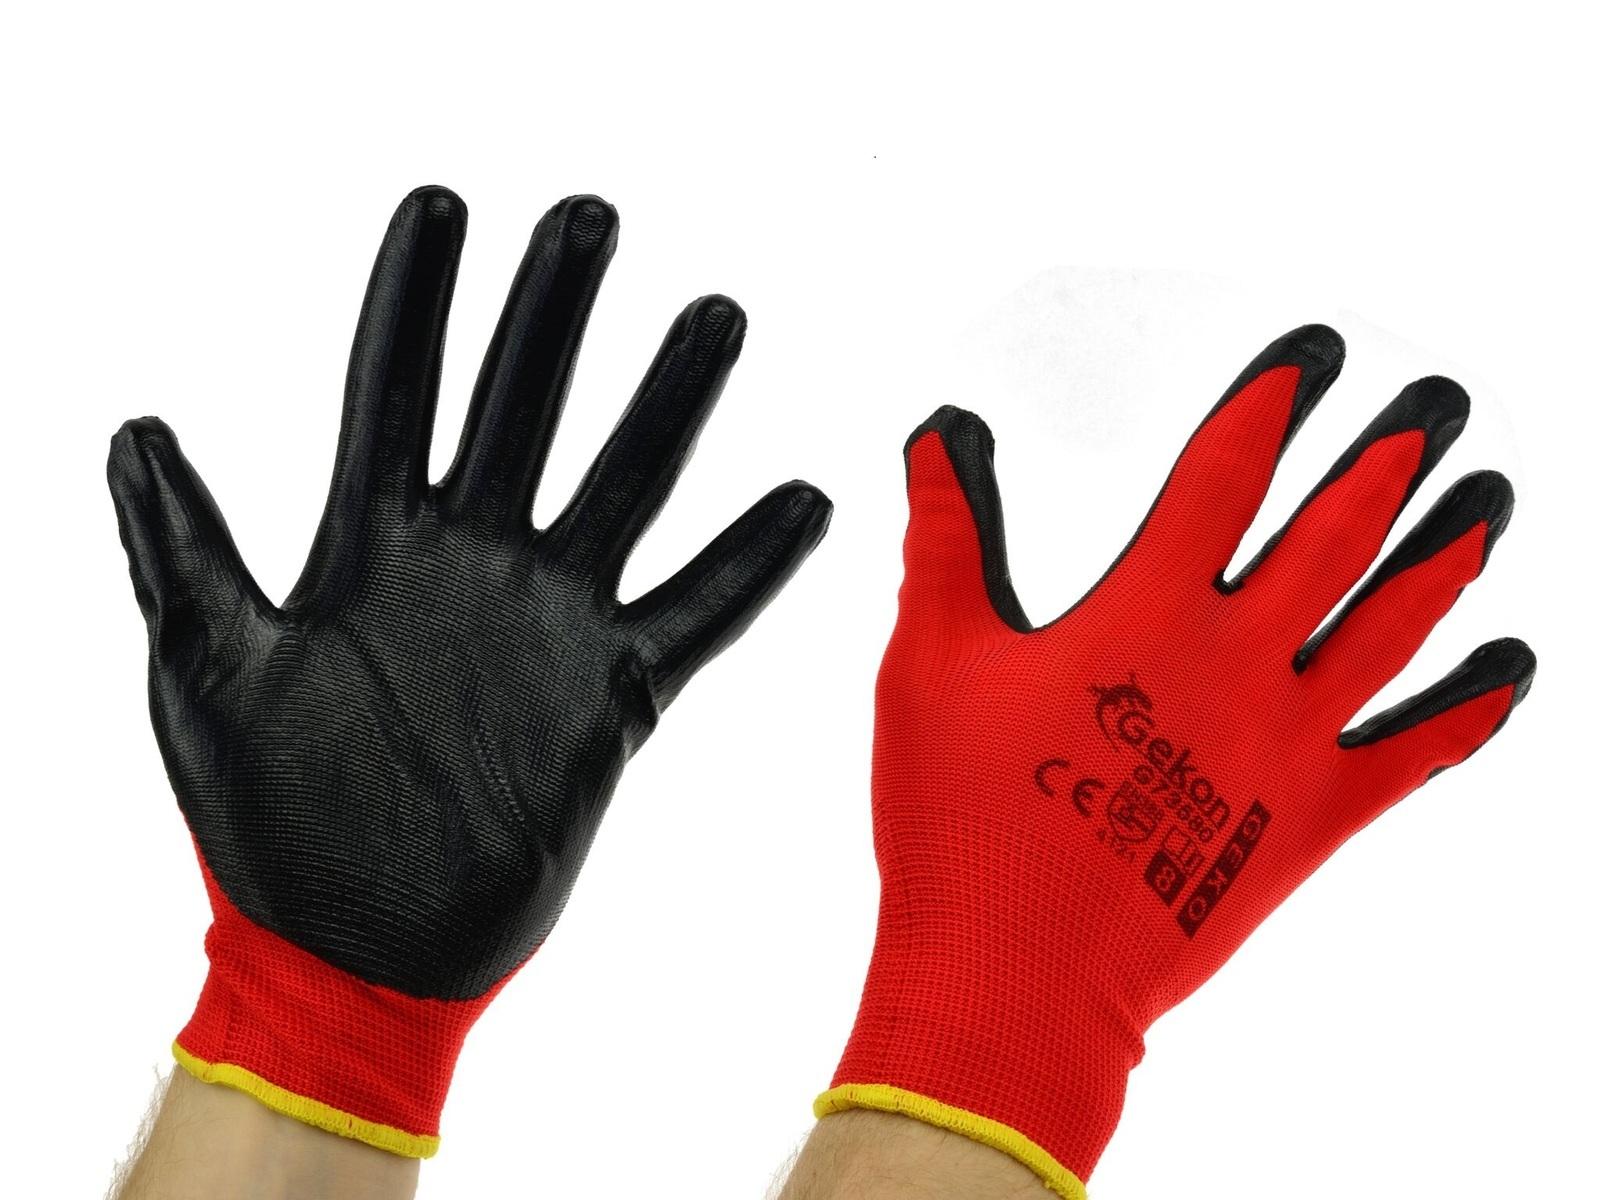 Pracovní rukavice GEKON, s nitrilovou dlaní, velikost 8